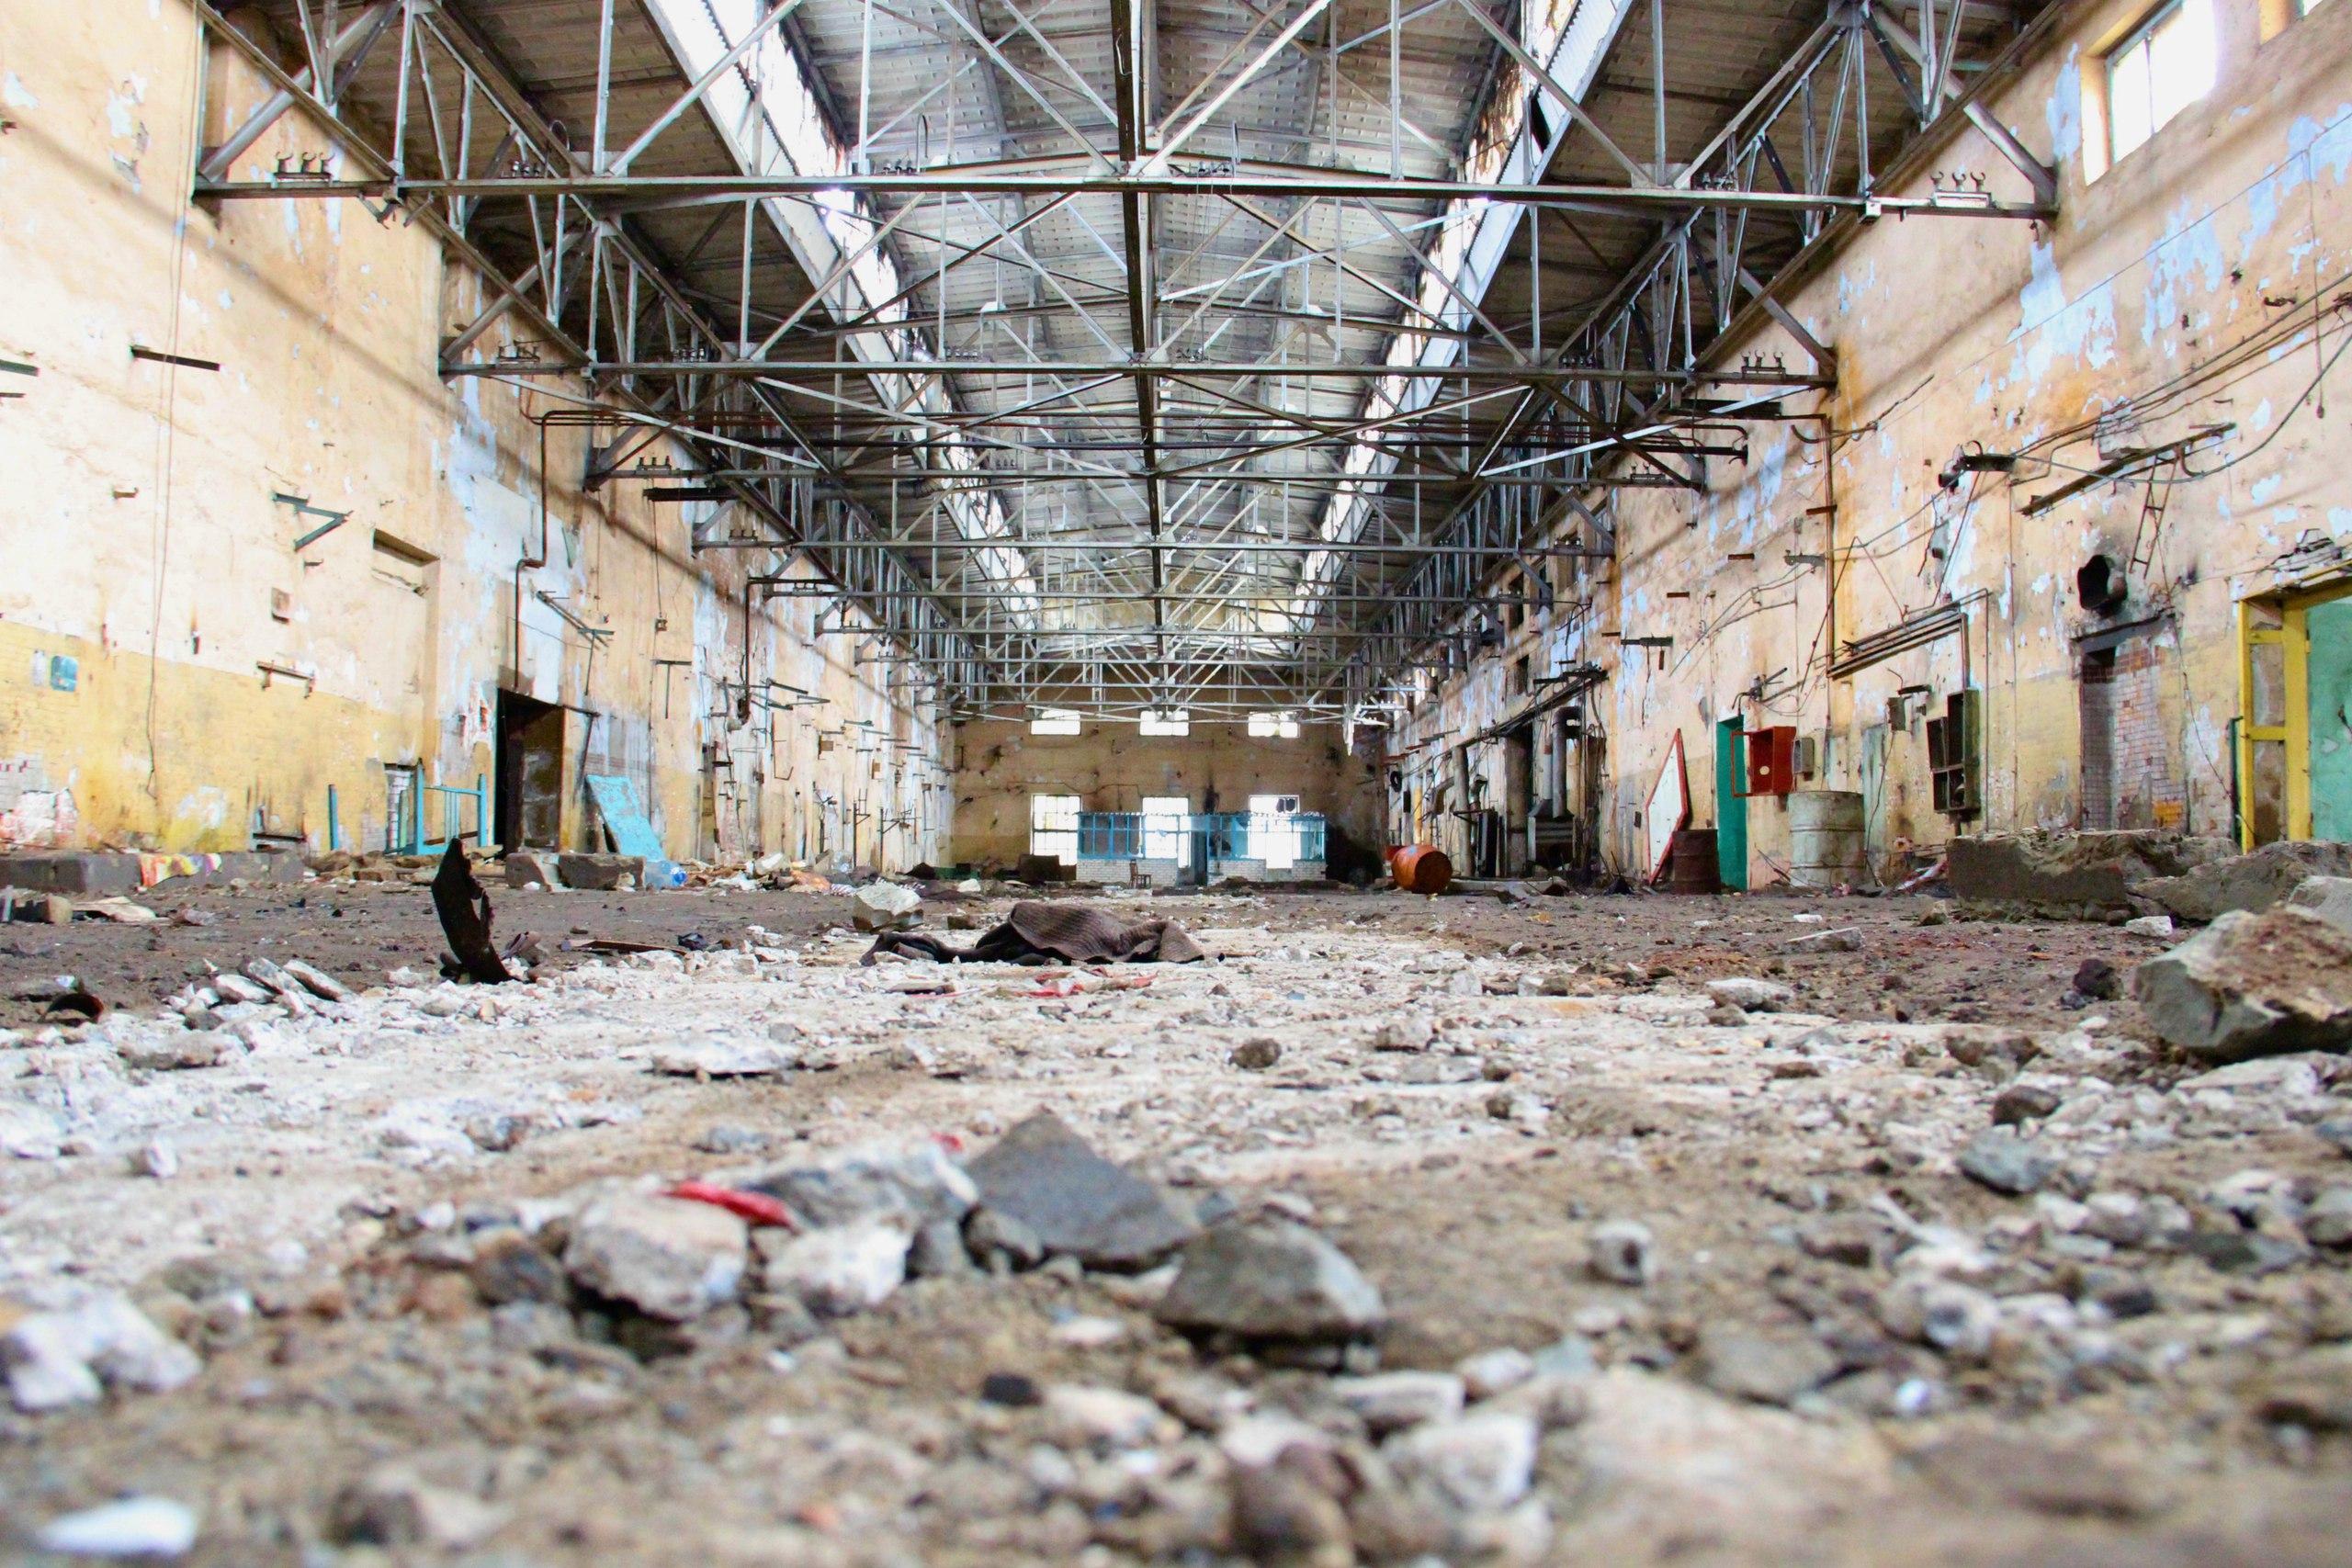 украсить заводы клапанов в россии комплекса Бубновского